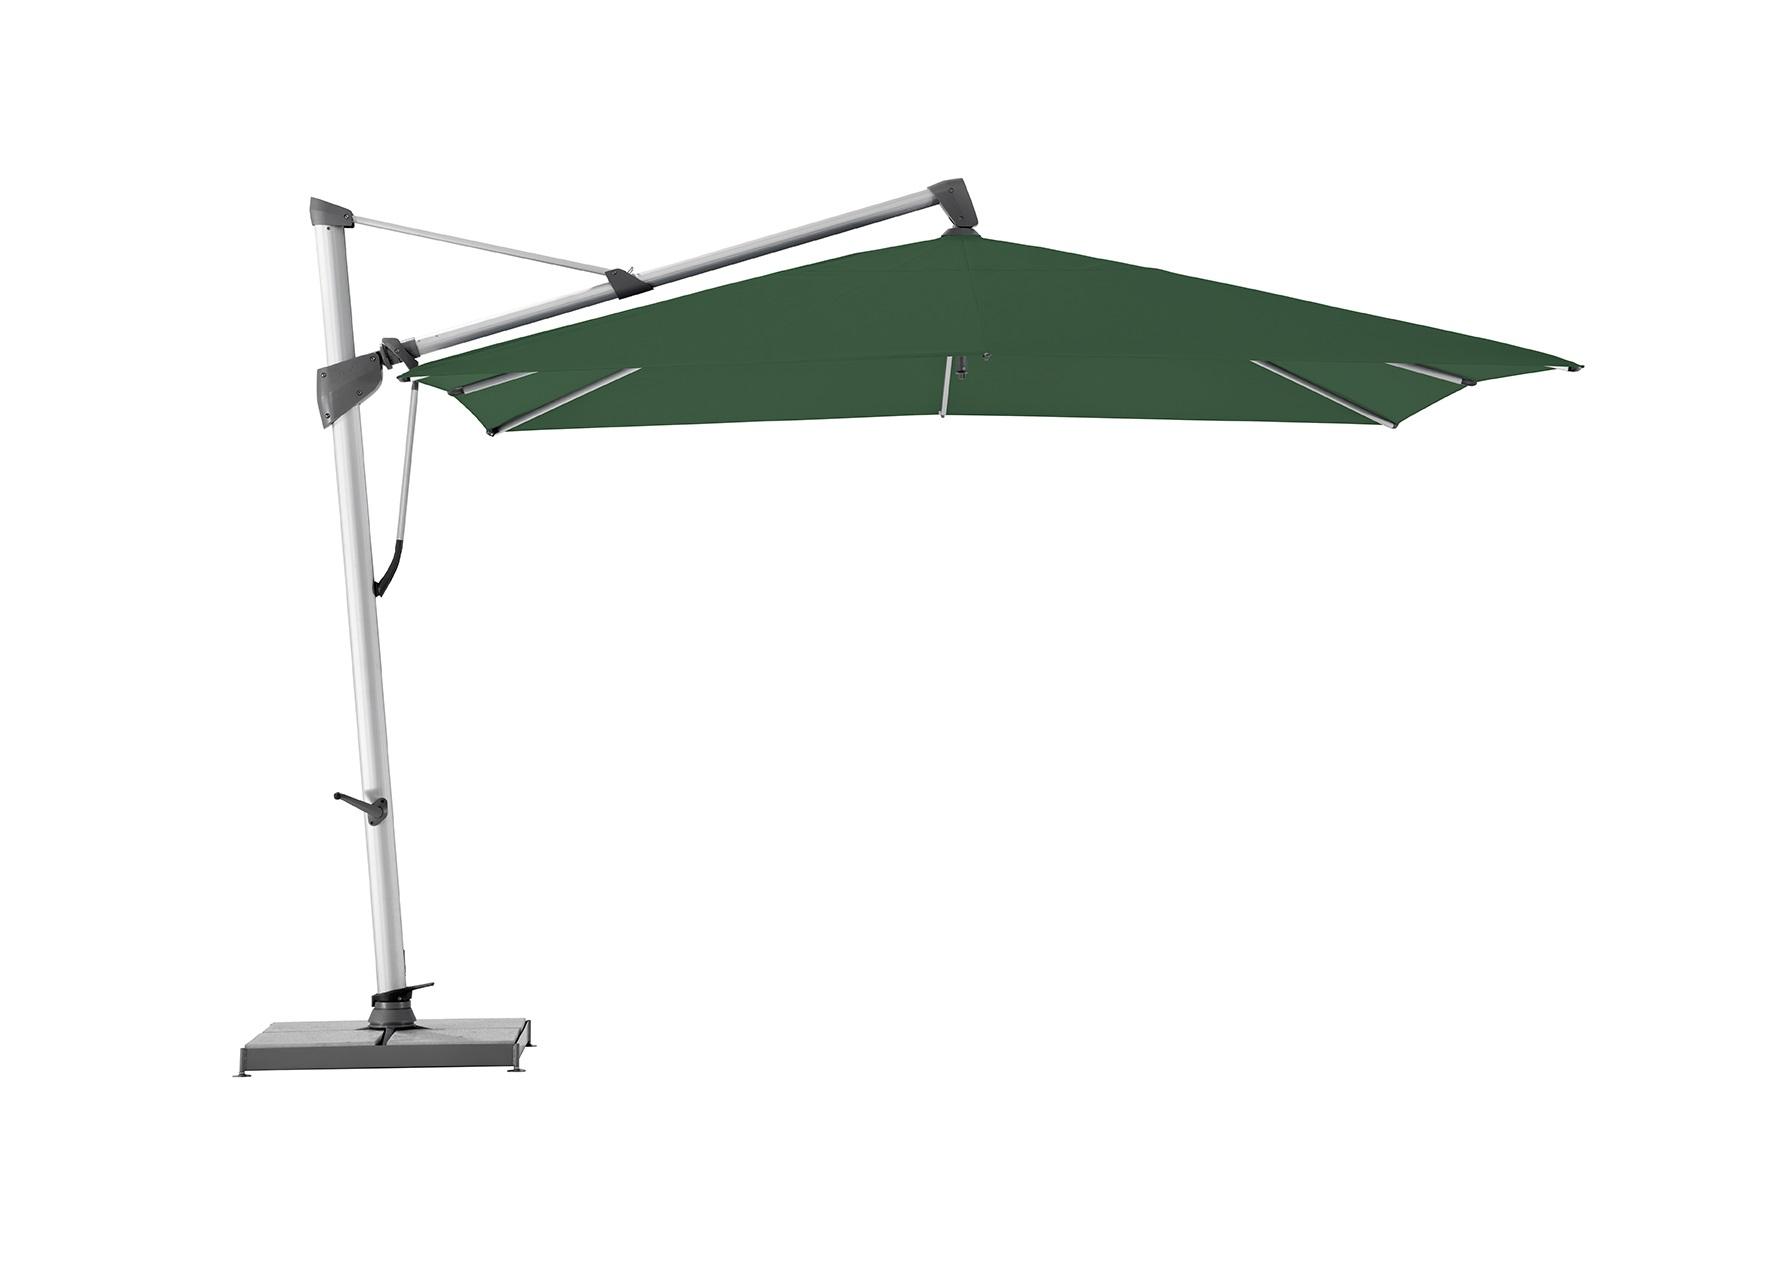 Уличный зонт Sombrano S+Тенты и зонты<br>Квадратный зонт с боковой опорой, каркас из анодированного алюминия.&amp;amp;nbsp;&amp;lt;div&amp;gt;&amp;lt;div&amp;gt;Вращается вокруг своей оси.&amp;amp;nbsp;&amp;lt;/div&amp;gt;&amp;lt;div&amp;gt;Регулируется угол наклона купола.&amp;amp;nbsp;&amp;lt;/div&amp;gt;&amp;lt;div&amp;gt;&amp;lt;br&amp;gt;&amp;lt;/div&amp;gt;&amp;lt;div&amp;gt;Плотность ткани 250 g/m2.&amp;amp;nbsp;&amp;lt;/div&amp;gt;&amp;lt;div&amp;gt;Максимальная ветровая нагрузка 45км/ч.&amp;amp;nbsp;&amp;lt;/div&amp;gt;&amp;lt;div&amp;gt;В комплект входит:  база 180кг,декоративная крышка для базы, защитный чехол.&amp;amp;nbsp;&amp;lt;/div&amp;gt;&amp;lt;/div&amp;gt;<br><br>Material: Алюминий<br>Width см: 300<br>Depth см: 300<br>Height см: 300